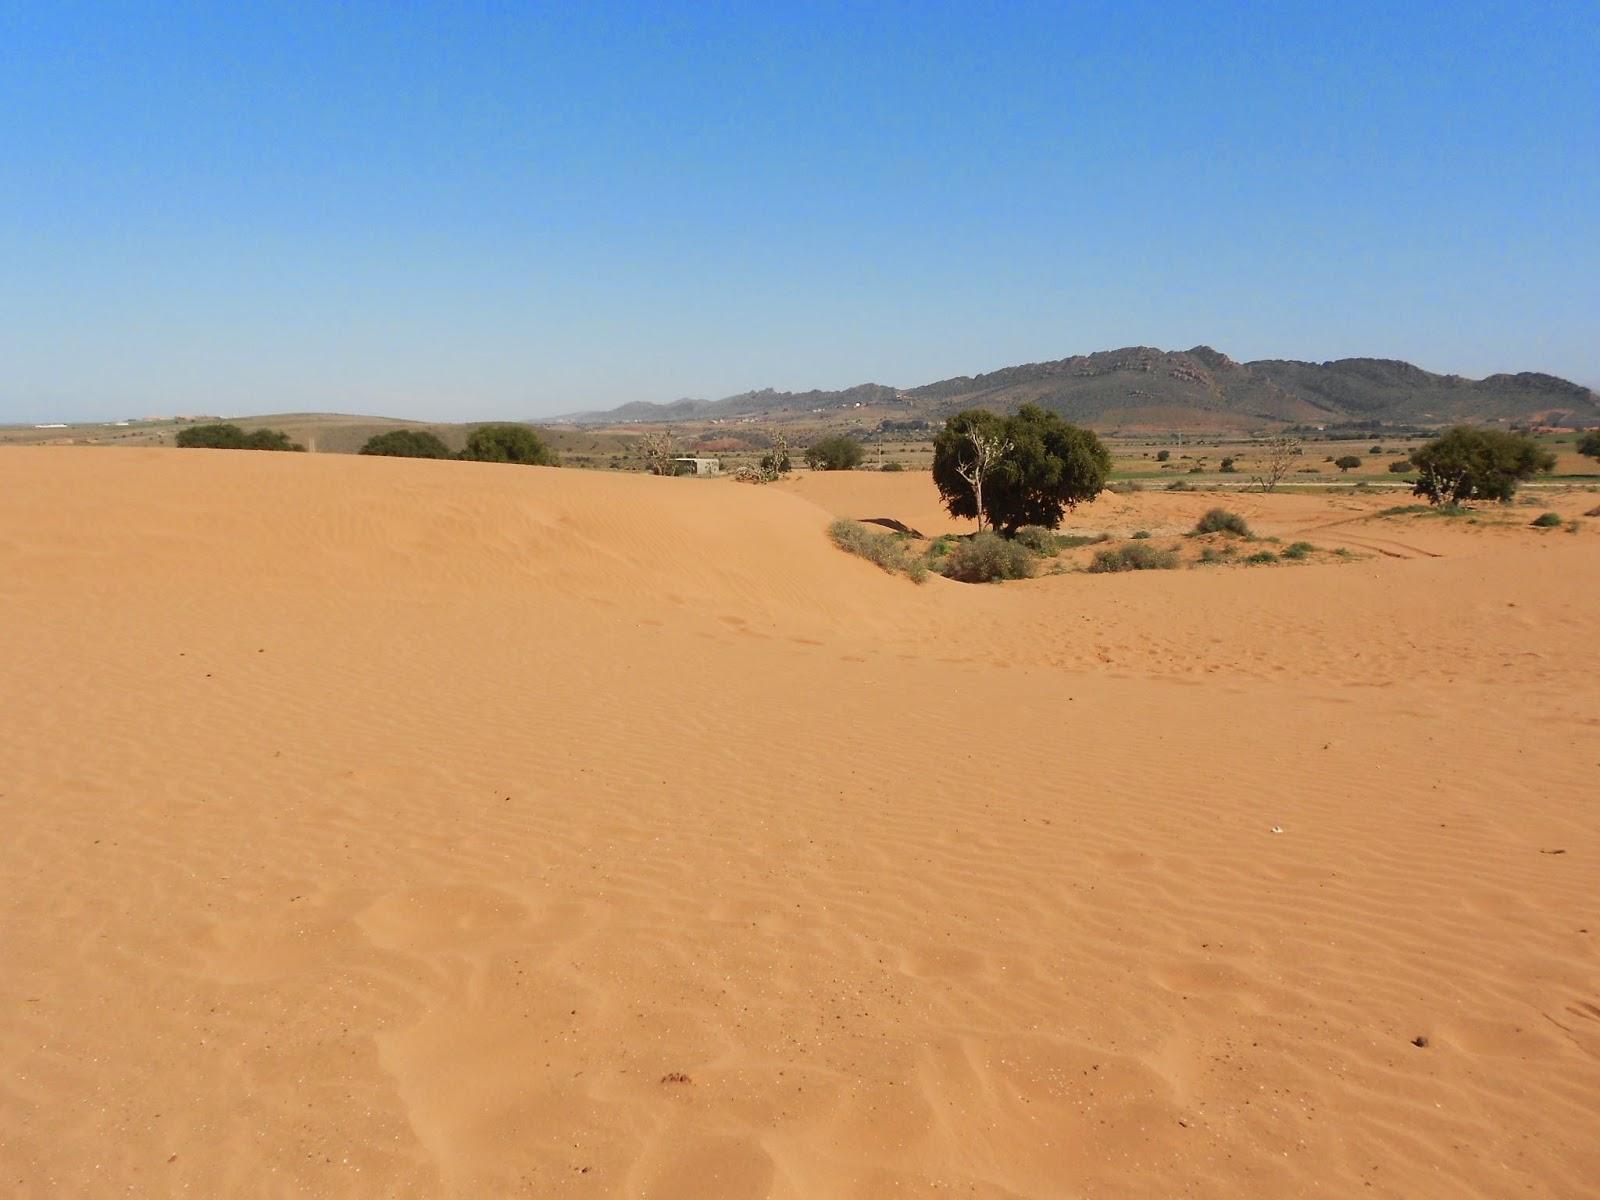 désert - Agadir - Morocco